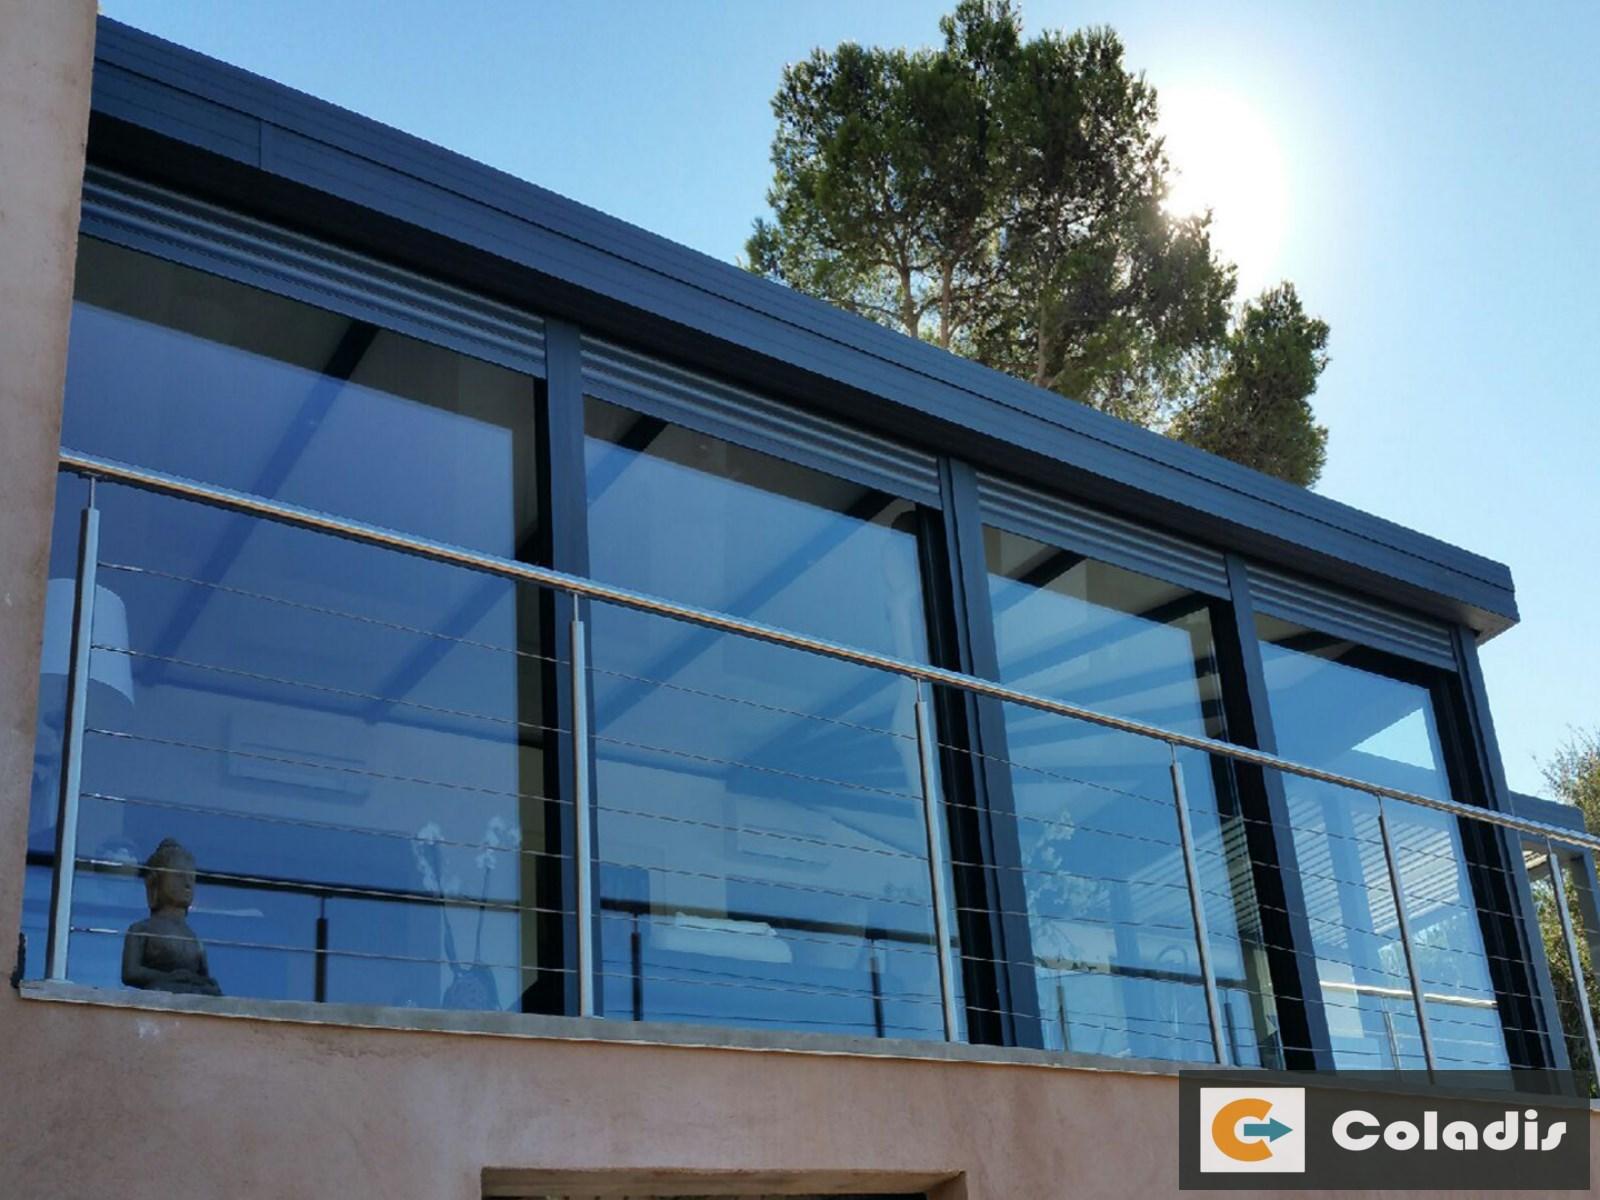 veranda pergola aluminium qualimarine design Coladis Montpellier Hérault 34